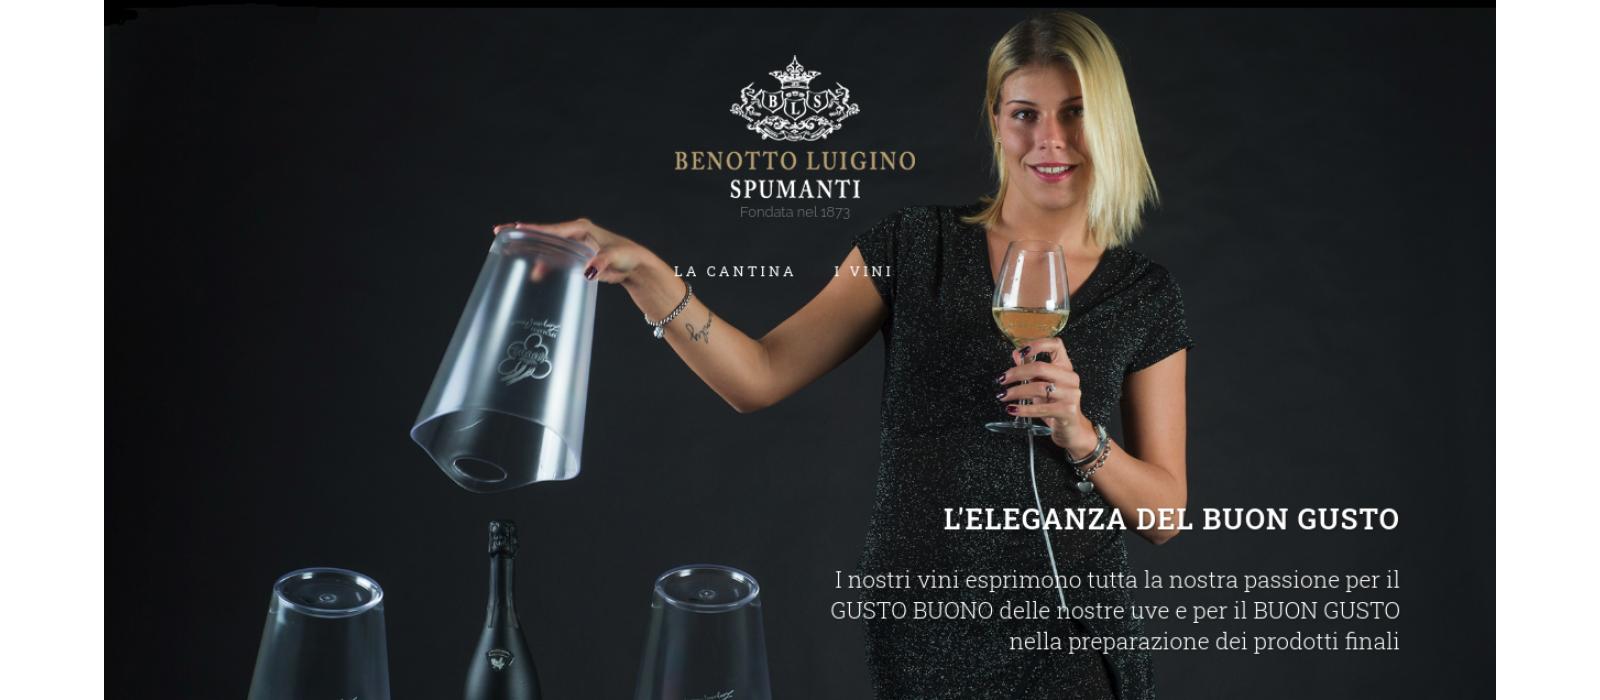 Prosecco Cantina Benotto Luigino